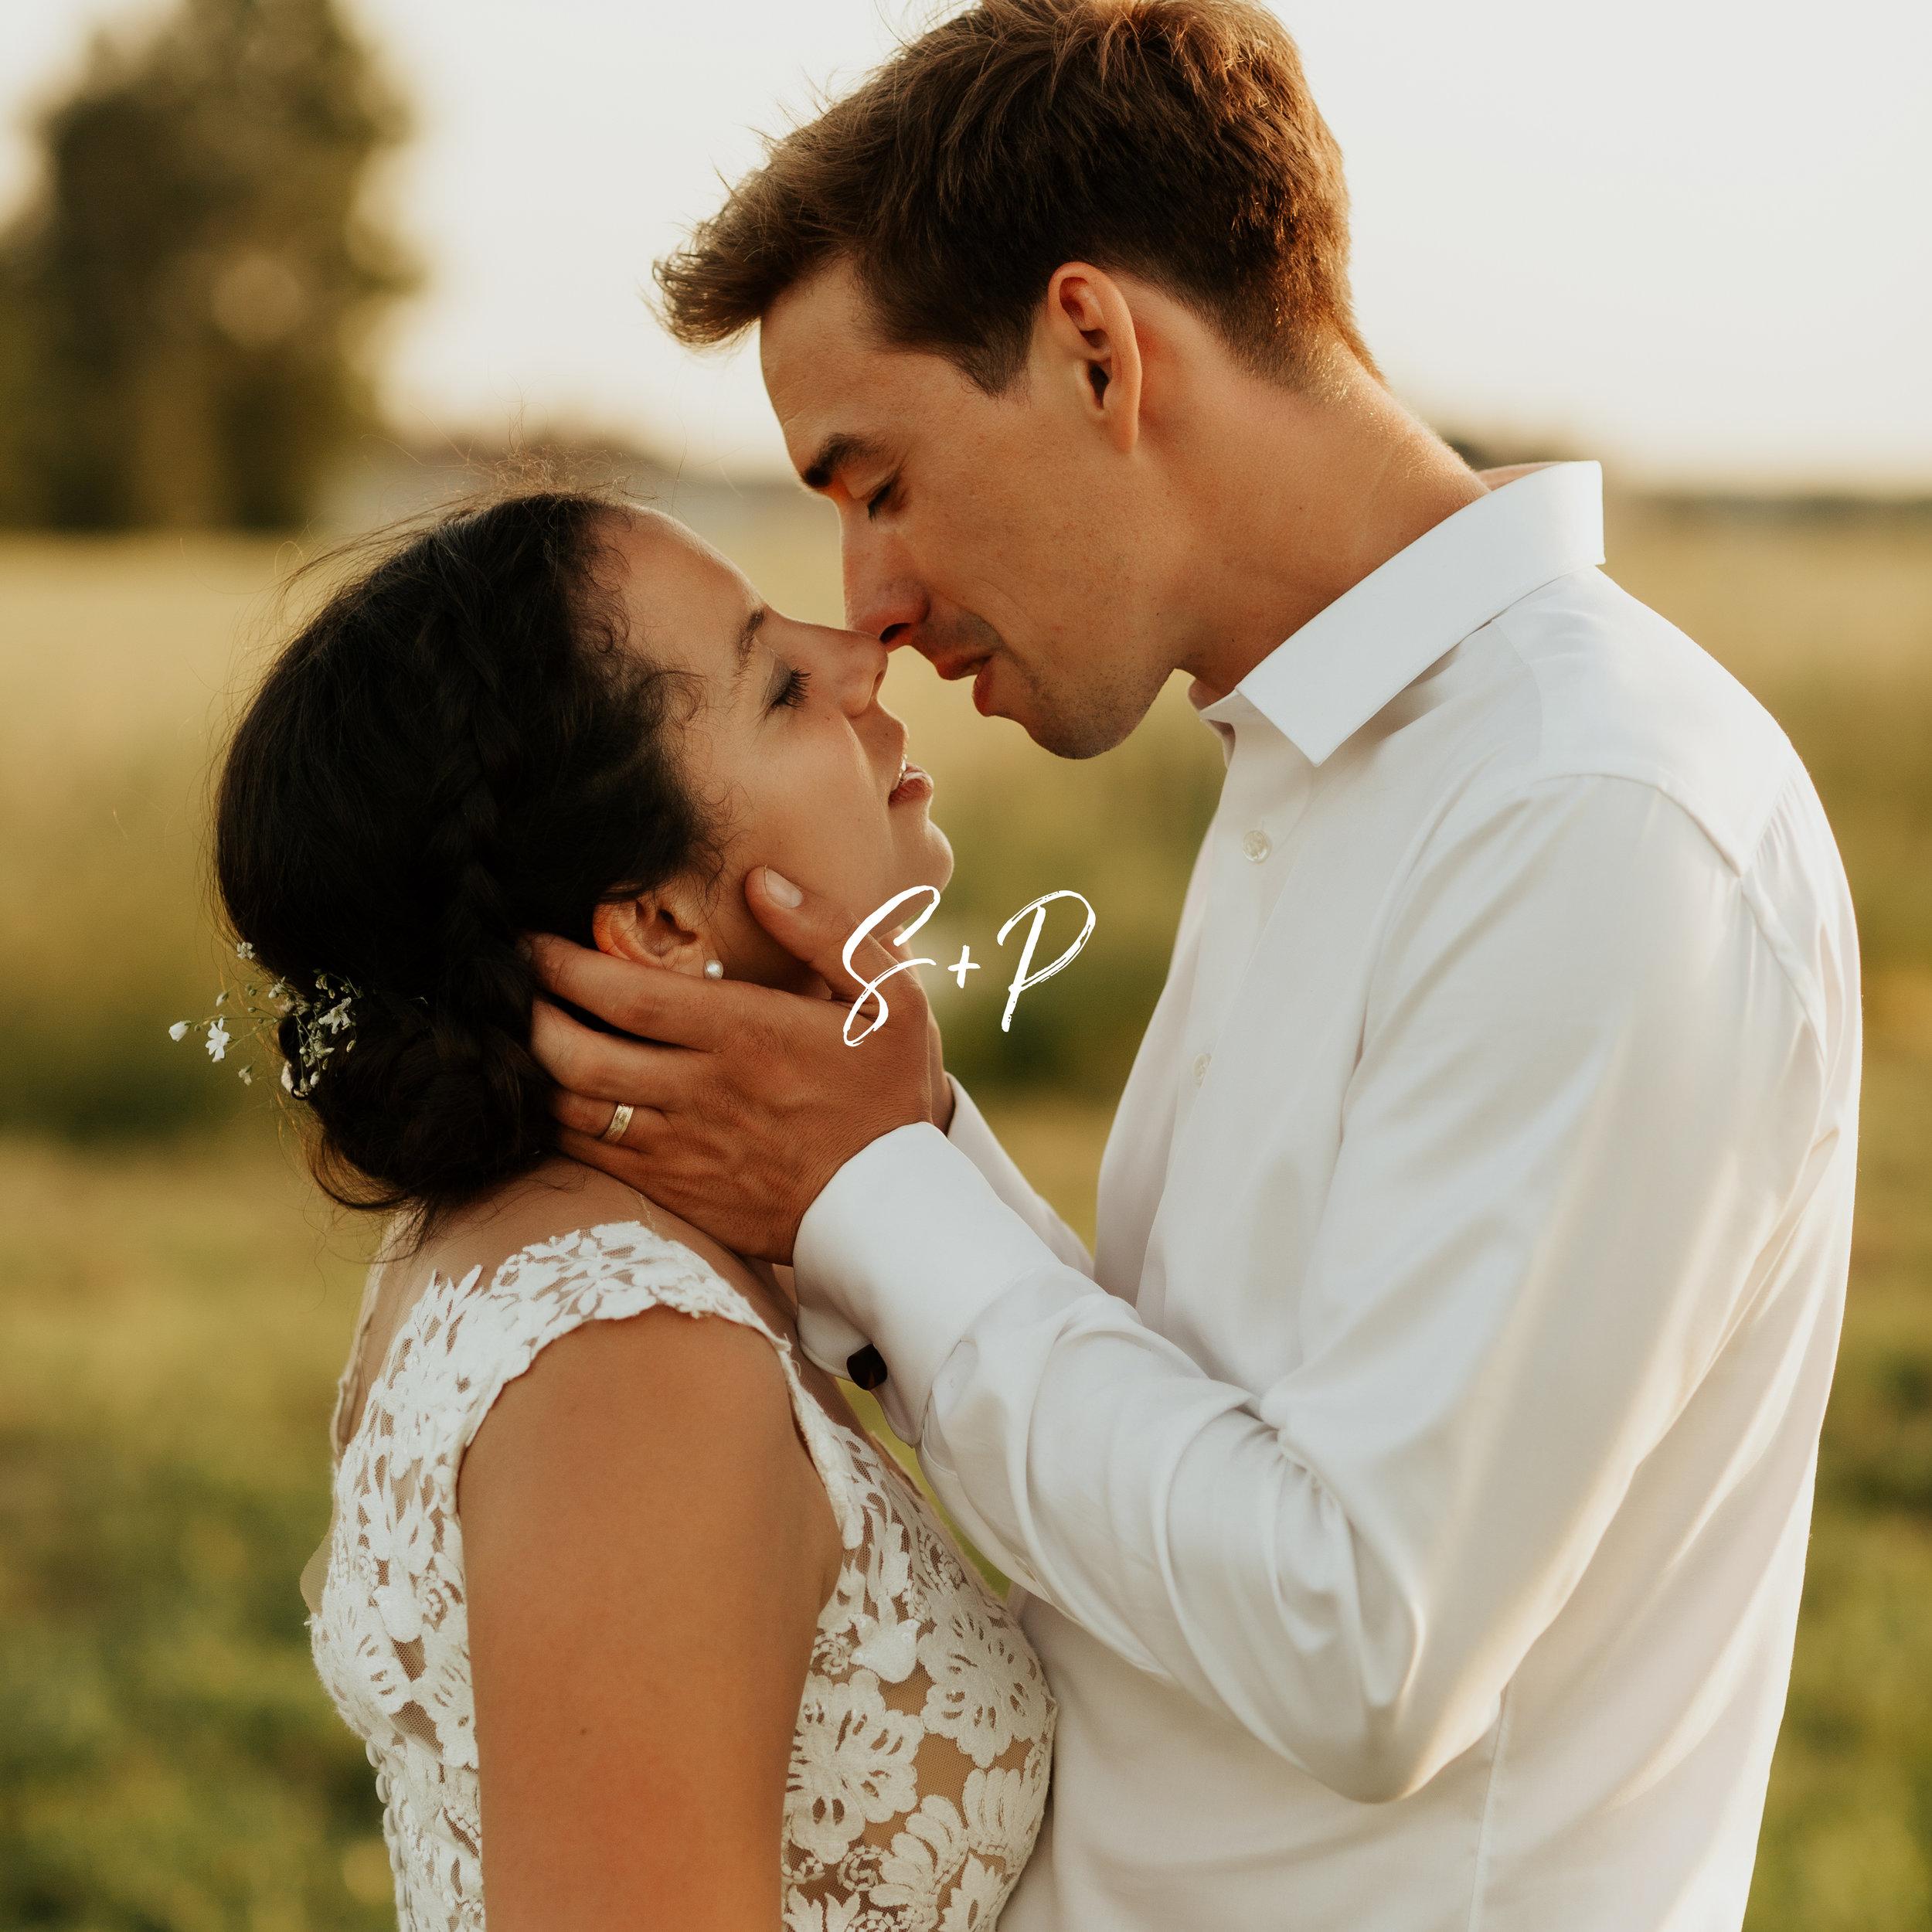 huwelijksfotografie-huwelijksfotograaf-lisa-helsen-photography-knokke-heist-westkapelle